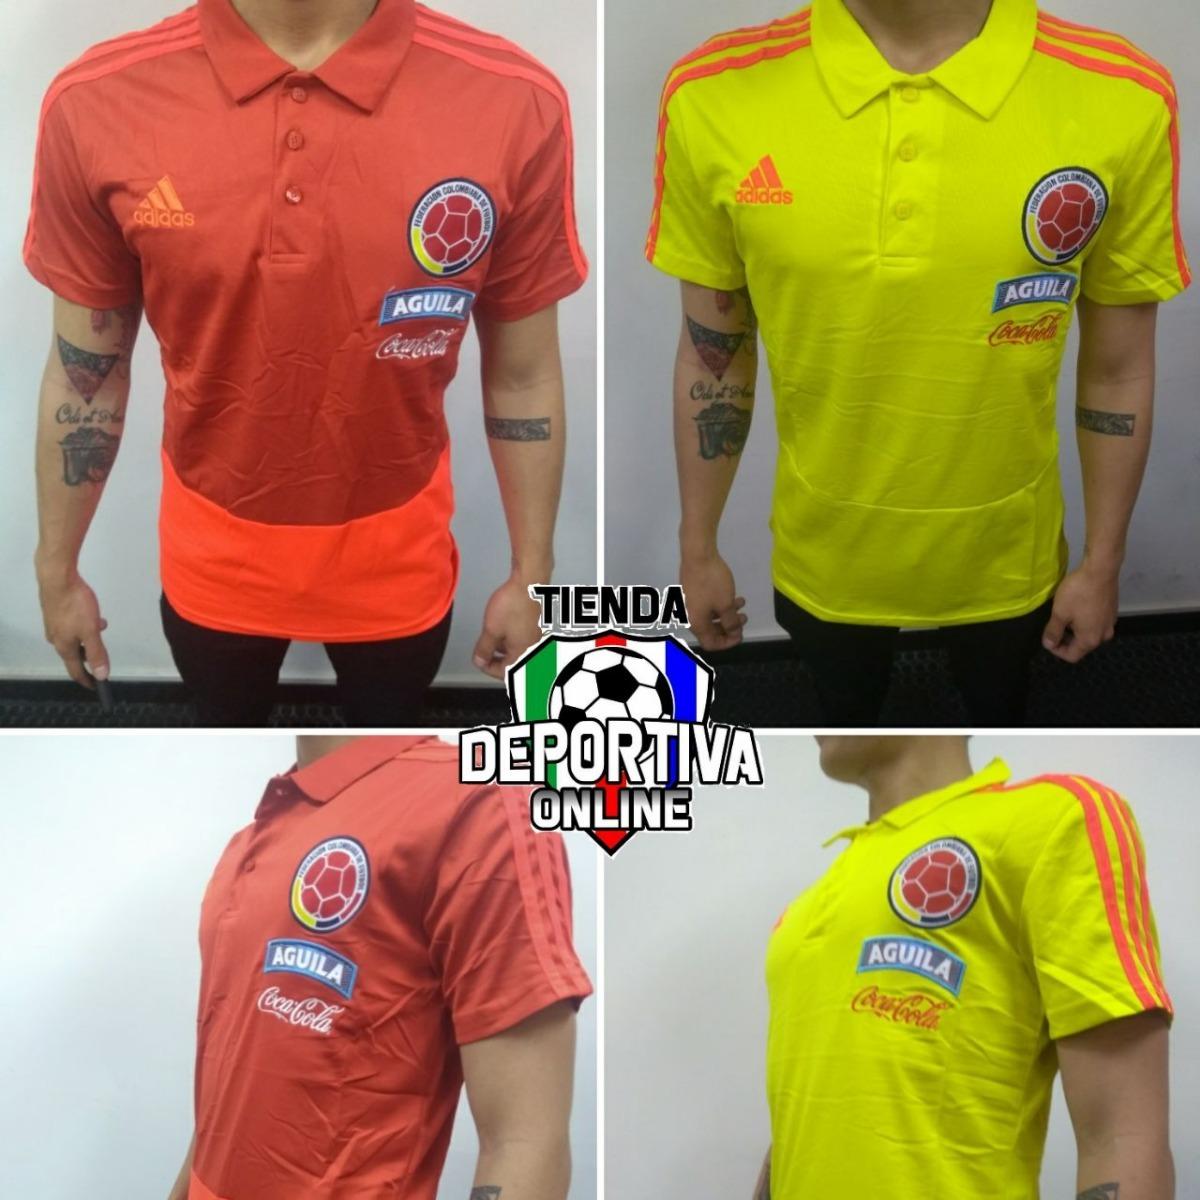 9d51132b0 Combo Camiseta Tipo Polo Seleccion Colombia Amarilla Y Roja -   70.000 en Mercado  Libre